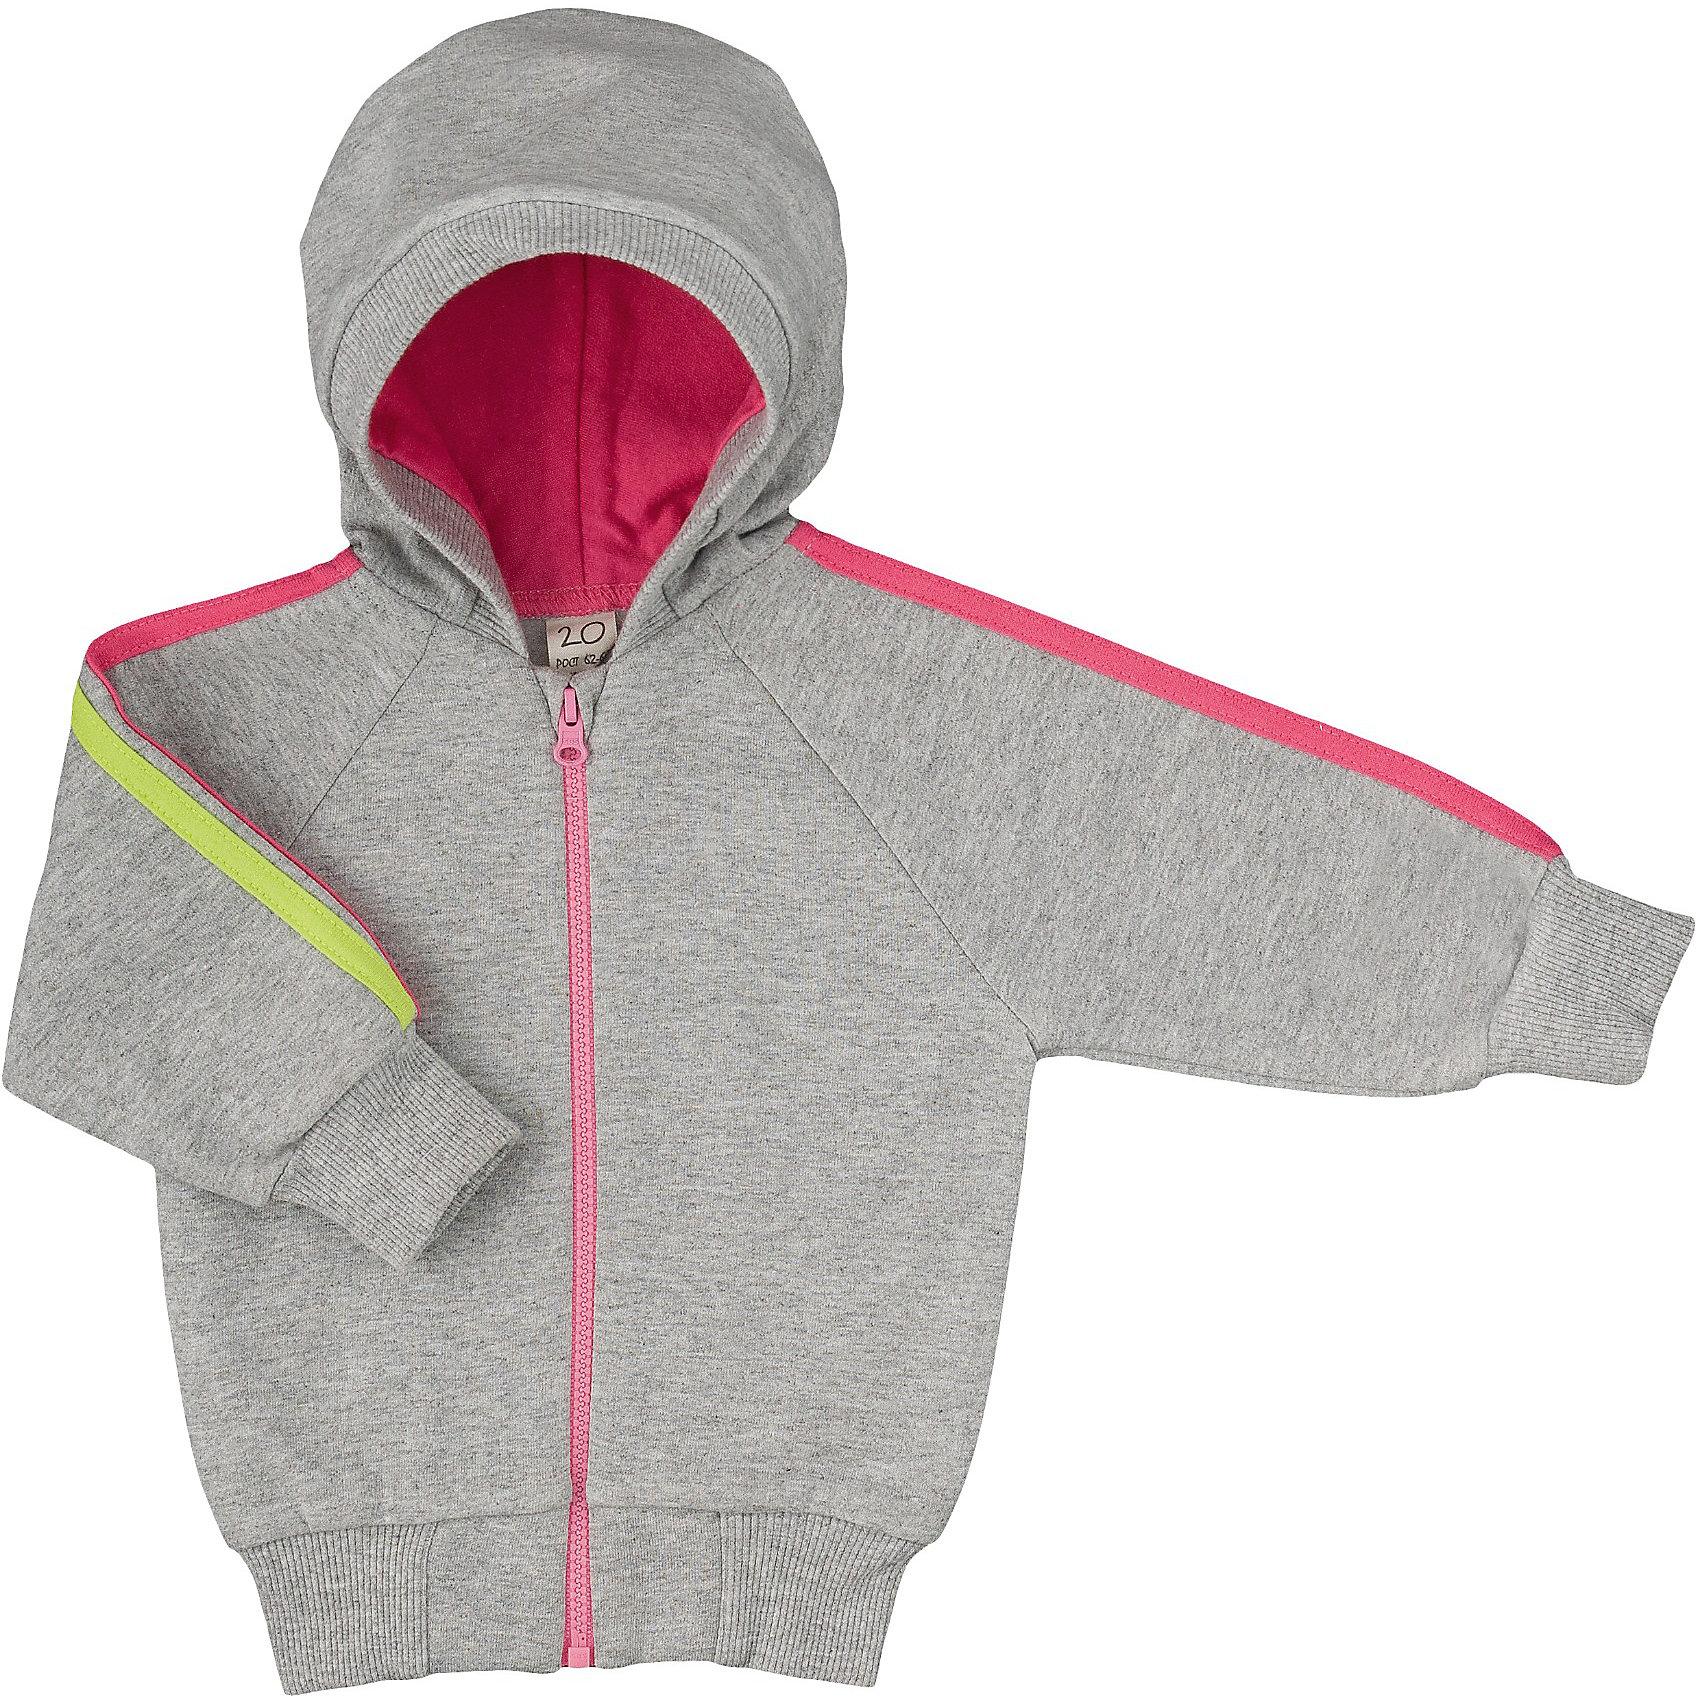 Утепленная толстовка для девочки Lucky ChildТолстовки, свитера, кардиганы<br>Толстовка из утепленного трикотажа на молнии с капюшоном, изделие декорировано лампасами.<br>Состав:<br>100% хлопок<br><br>Ширина мм: 157<br>Глубина мм: 13<br>Высота мм: 119<br>Вес г: 200<br>Цвет: серый<br>Возраст от месяцев: 9<br>Возраст до месяцев: 12<br>Пол: Женский<br>Возраст: Детский<br>Размер: 74/80,86/92,62/68,56/62,68/74,80/86<br>SKU: 3833108